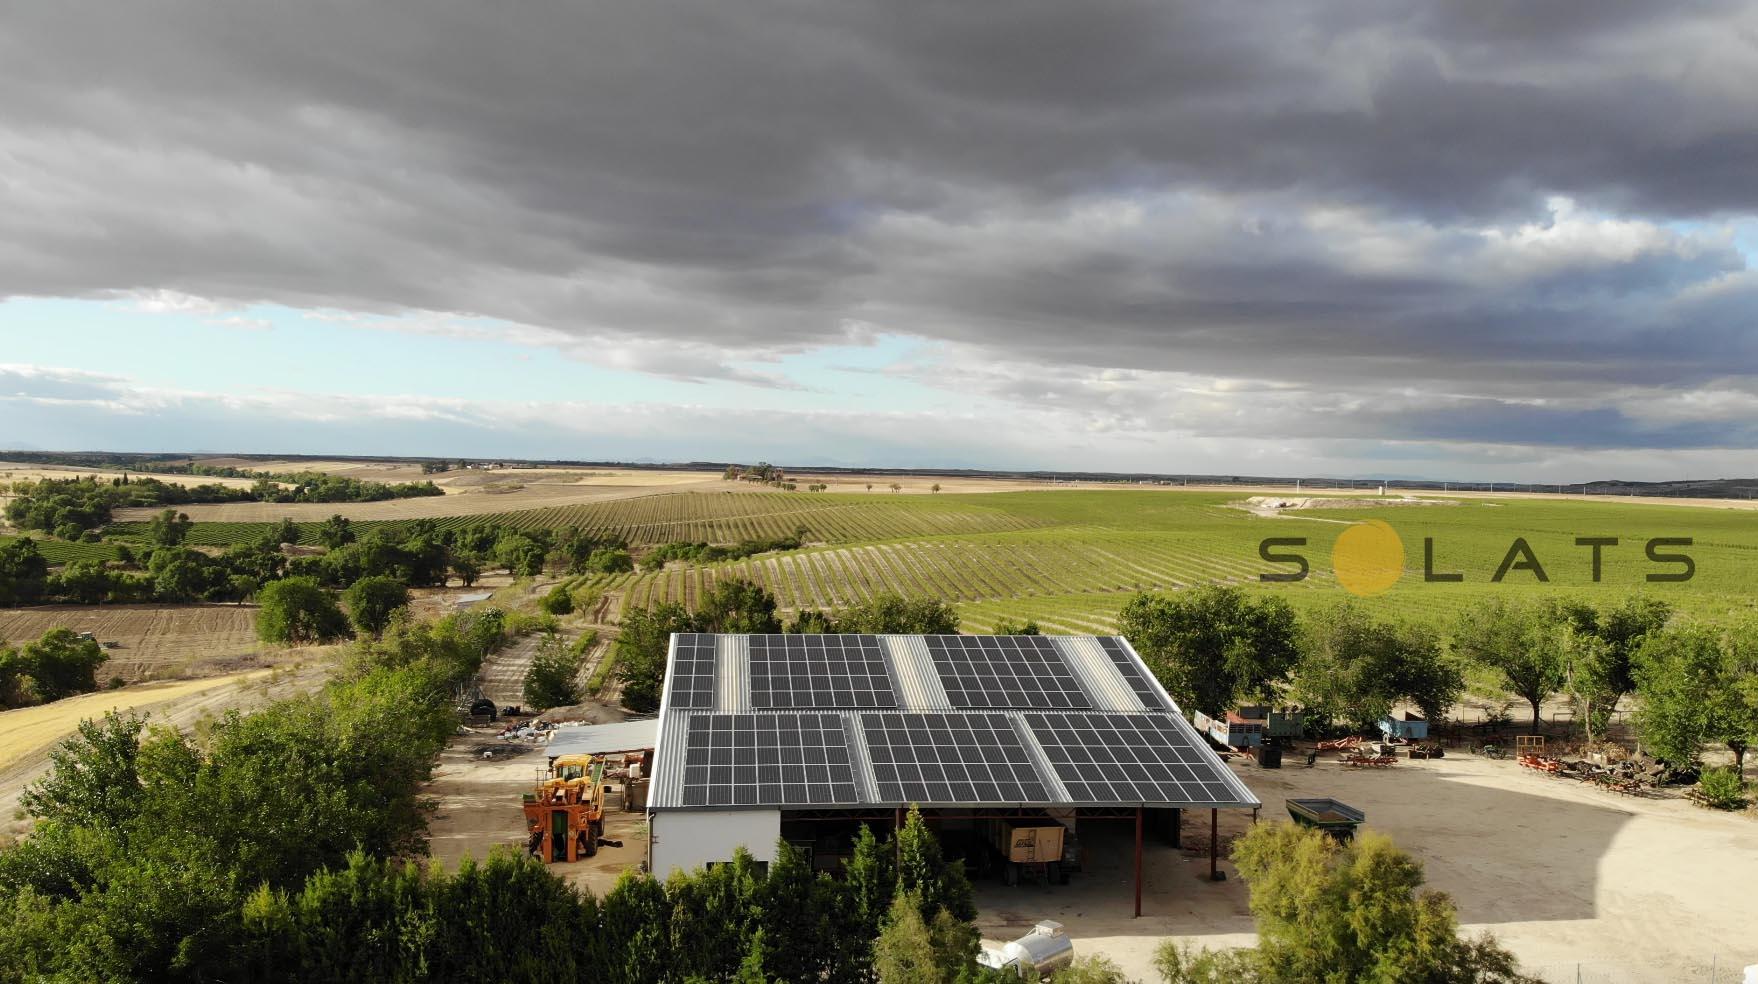 placas solares como funcionan